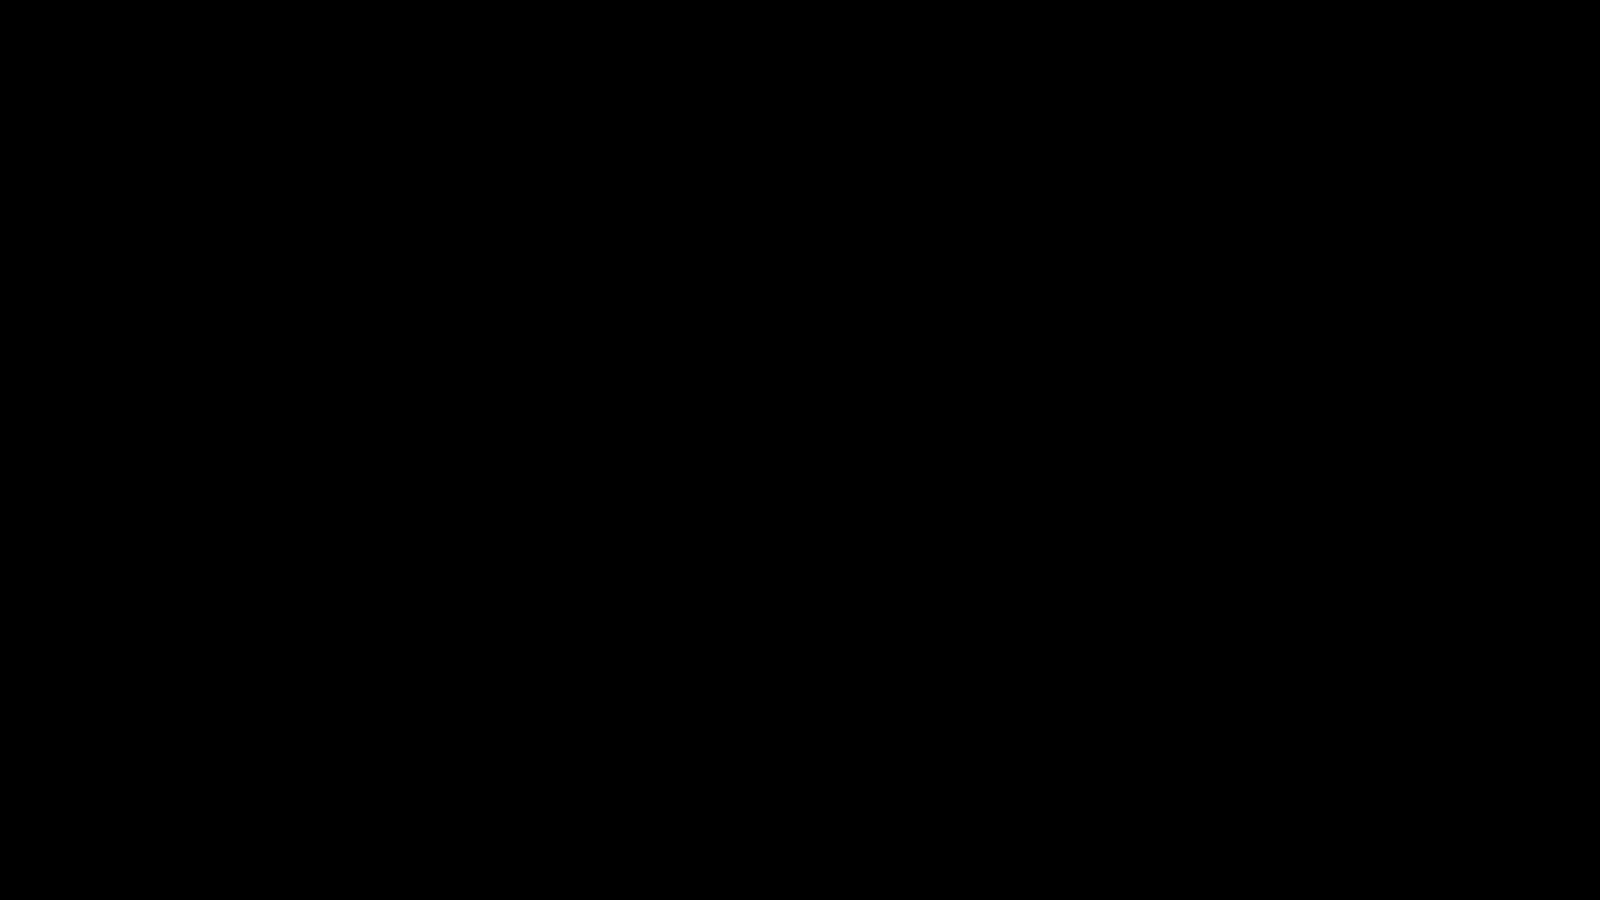 img-20180628-wa0001